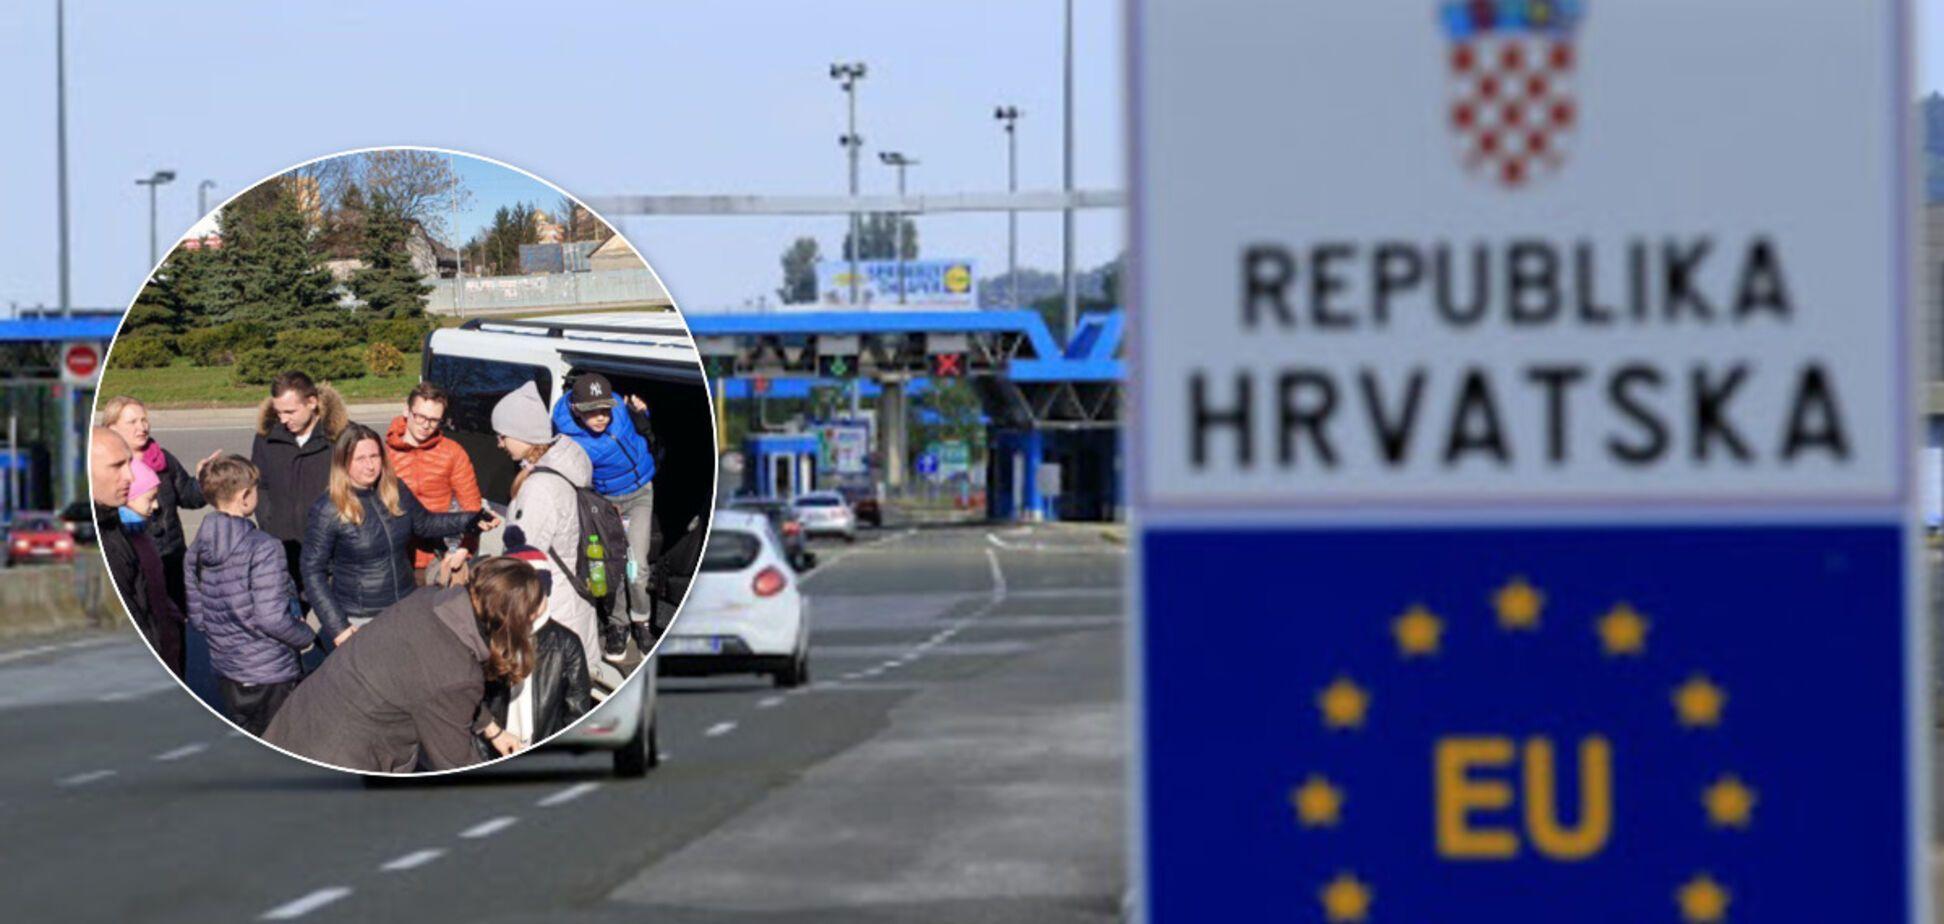 Українців екстрено евакуювали з Хорватії через коронавірус